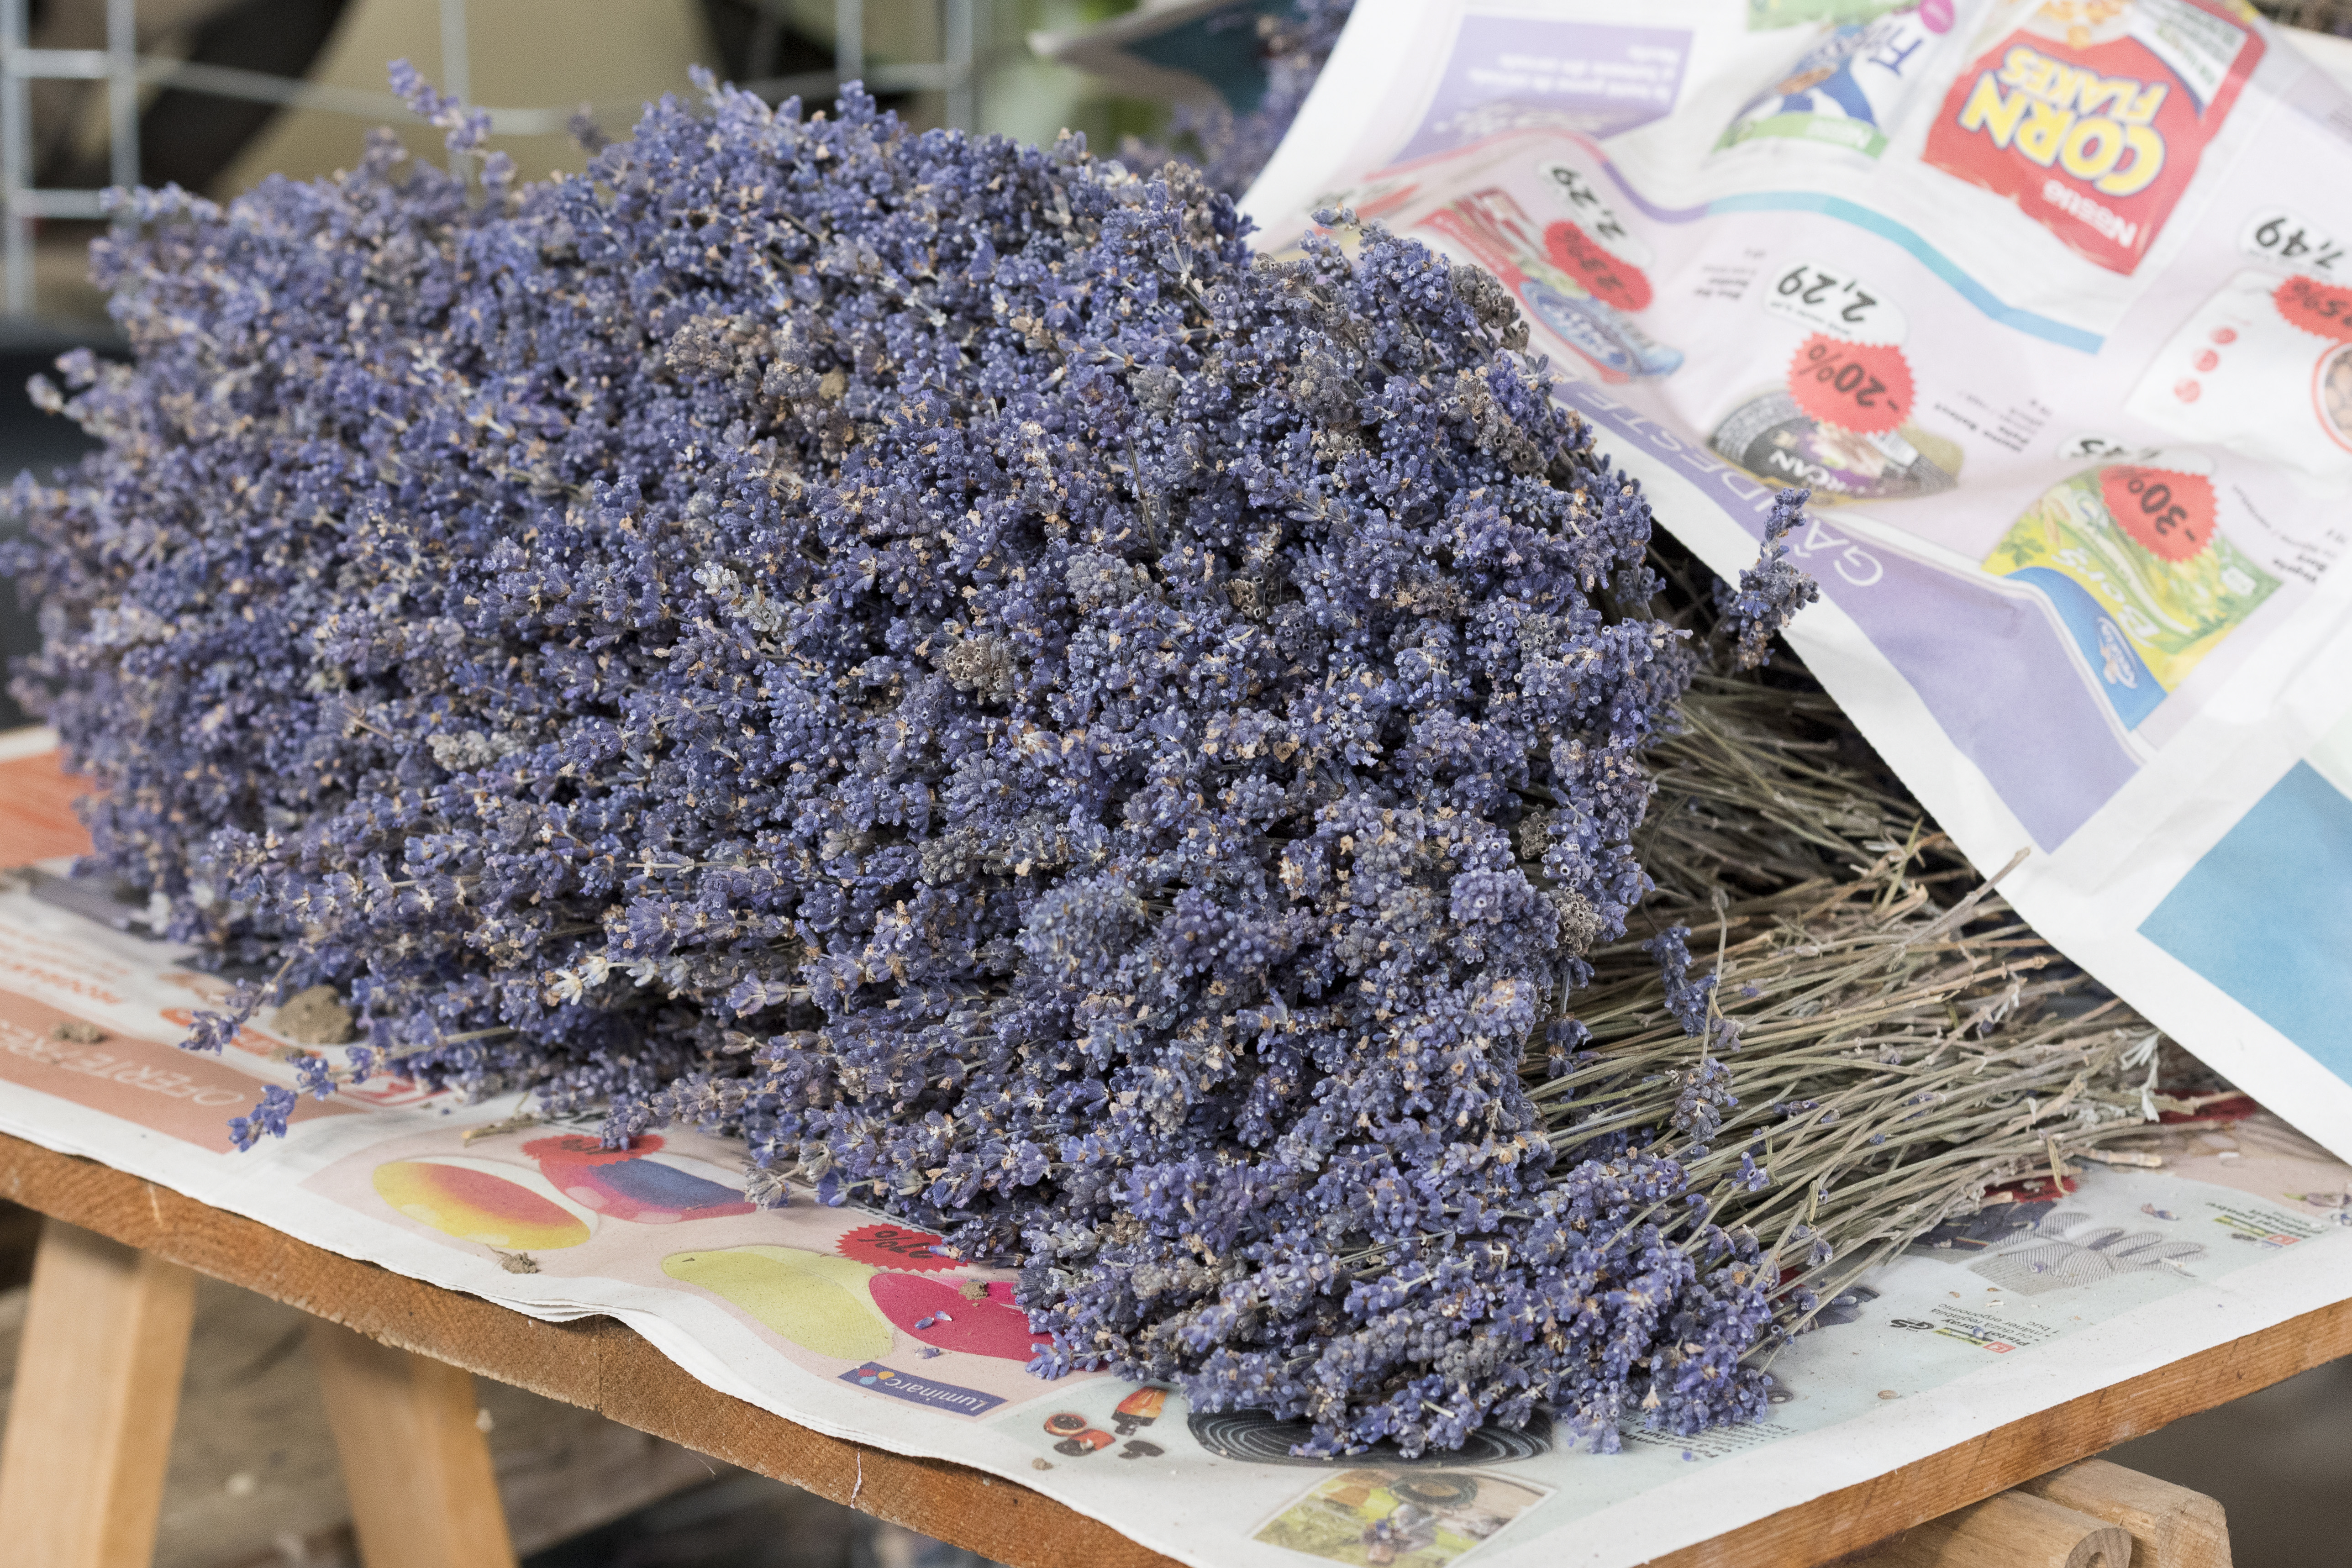 Rumänien/Sverige: Export av lavendelolja hjälper utsatta romer